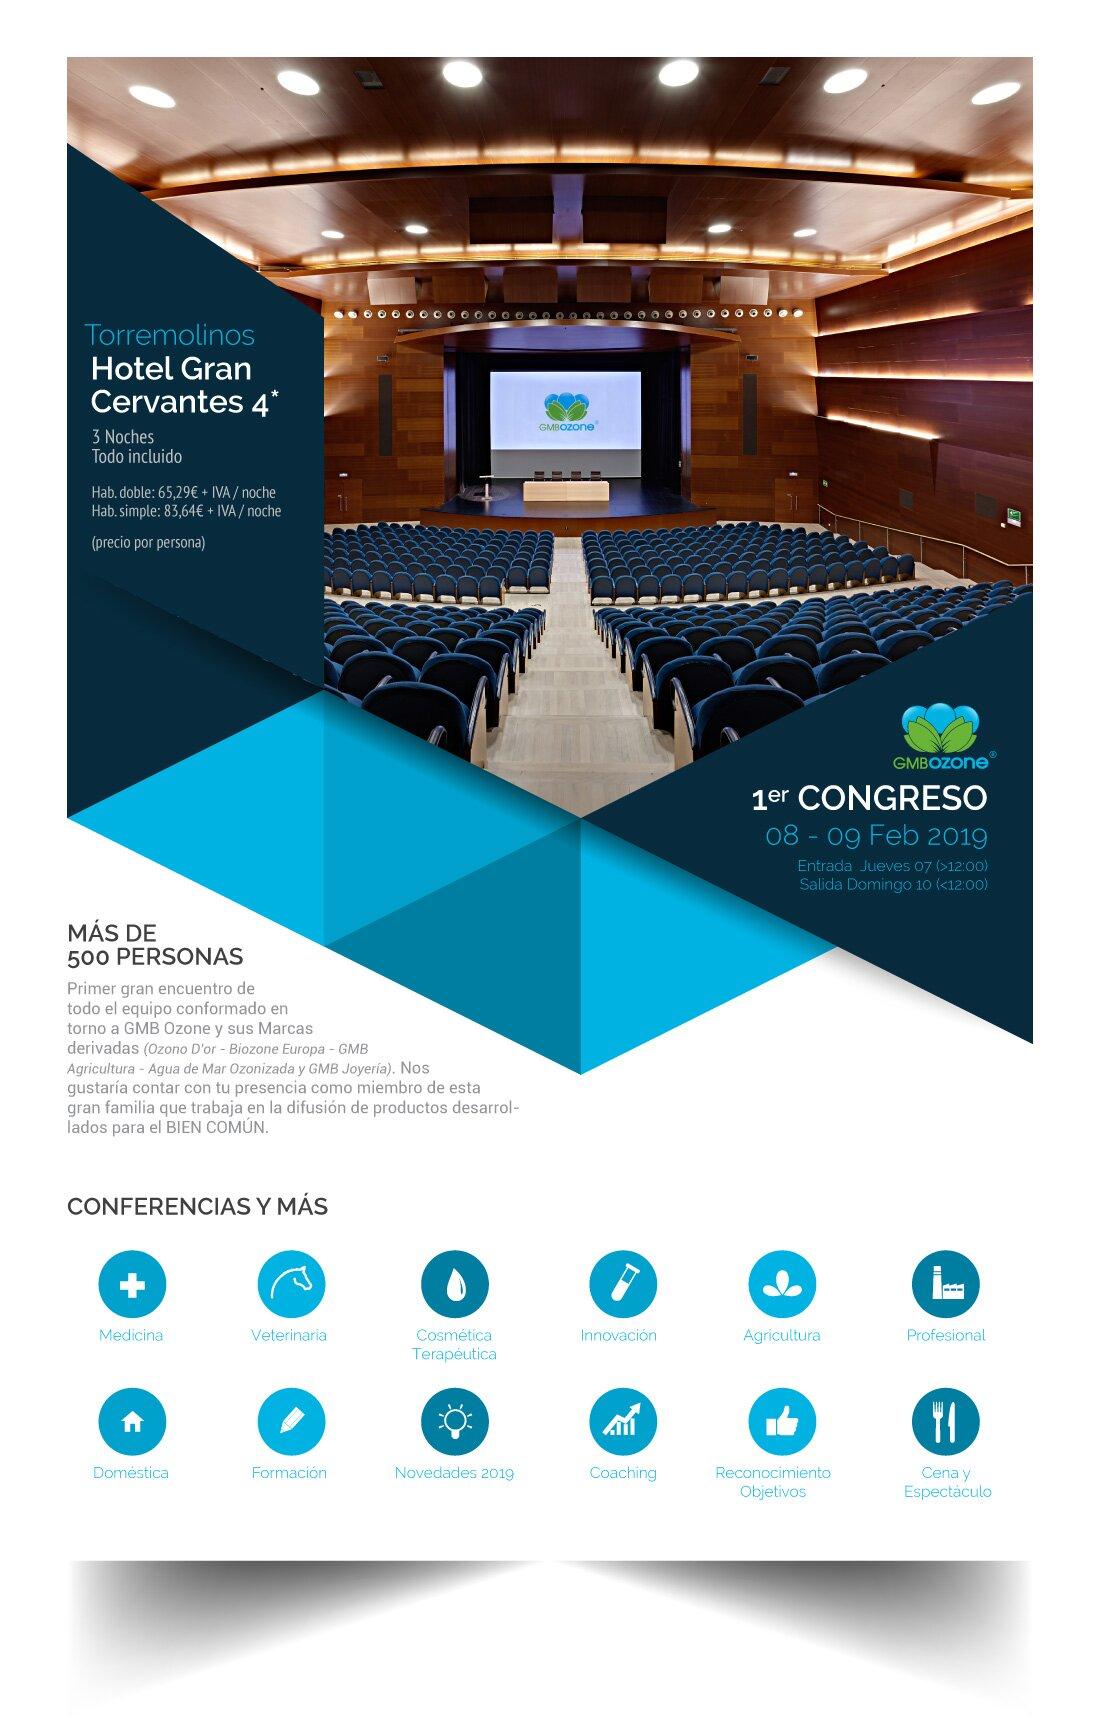 Convención GMB 2019